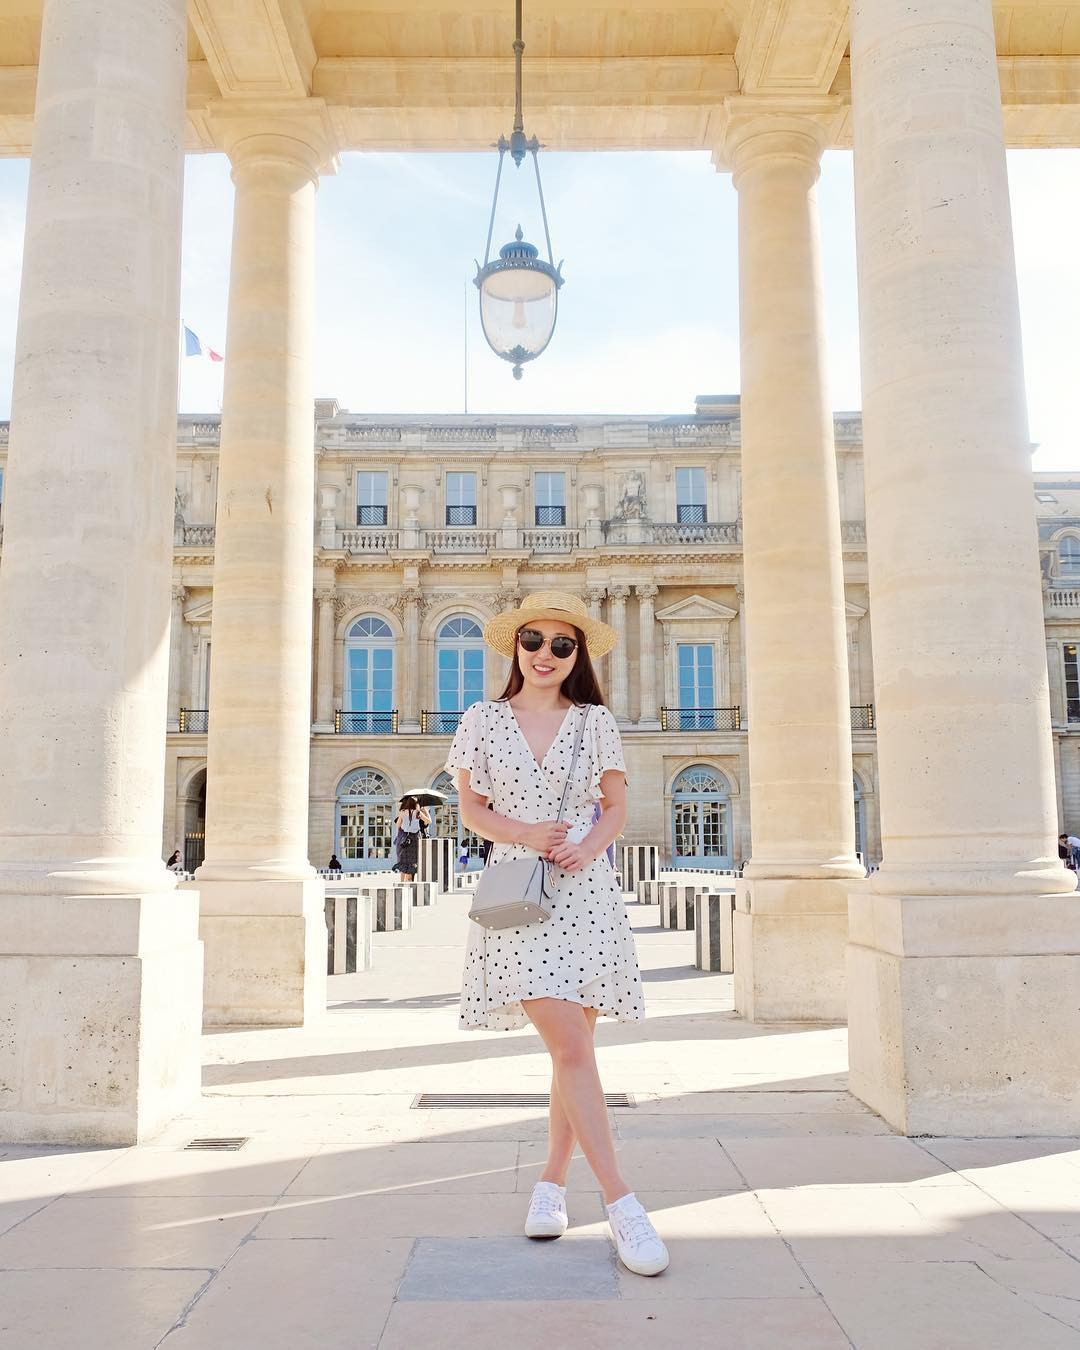 Hoá ra không chỉ Quỳnh Anh Shyn hay Quang Đại mà bất cứ ai đến Paris cũng đều check-in tại địa điểm này - Ảnh 11.